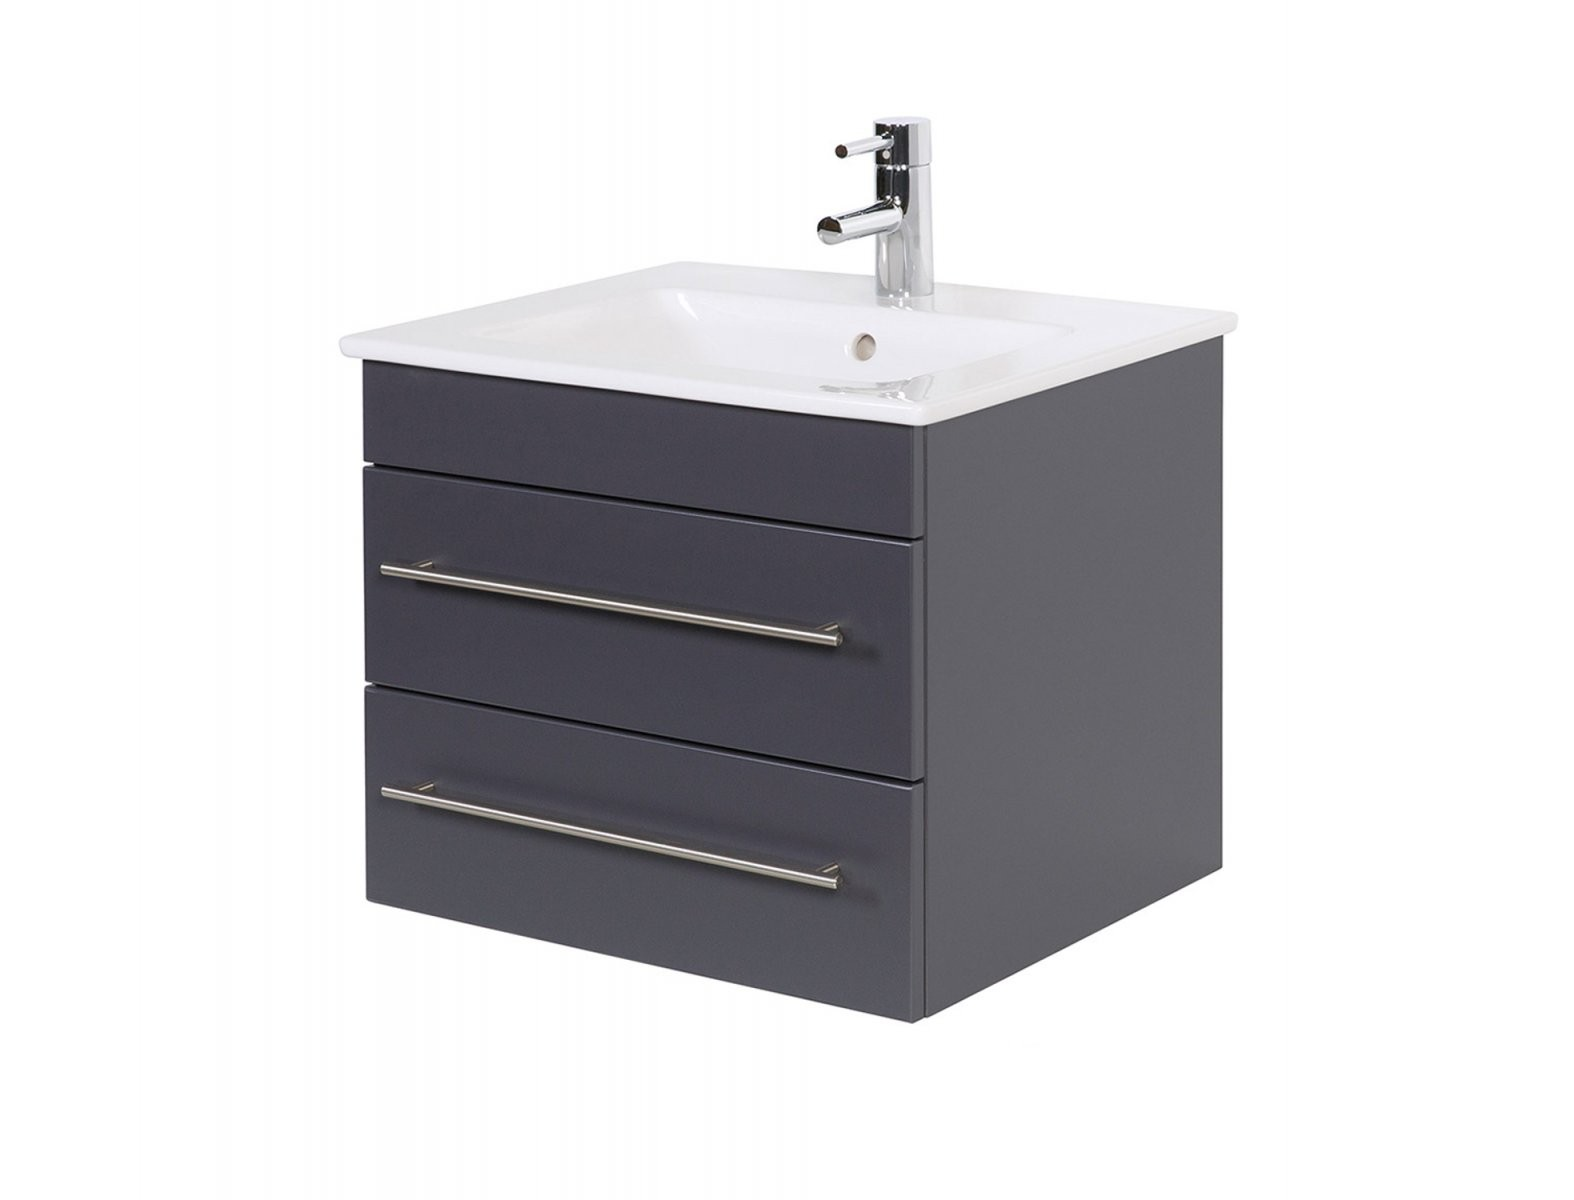 Badwaschtisch Mit Villeroy  Boch Becken Venticello  60 Cm Breit von Villeroy Und Boch Waschtisch Mit Unterschrank Bild